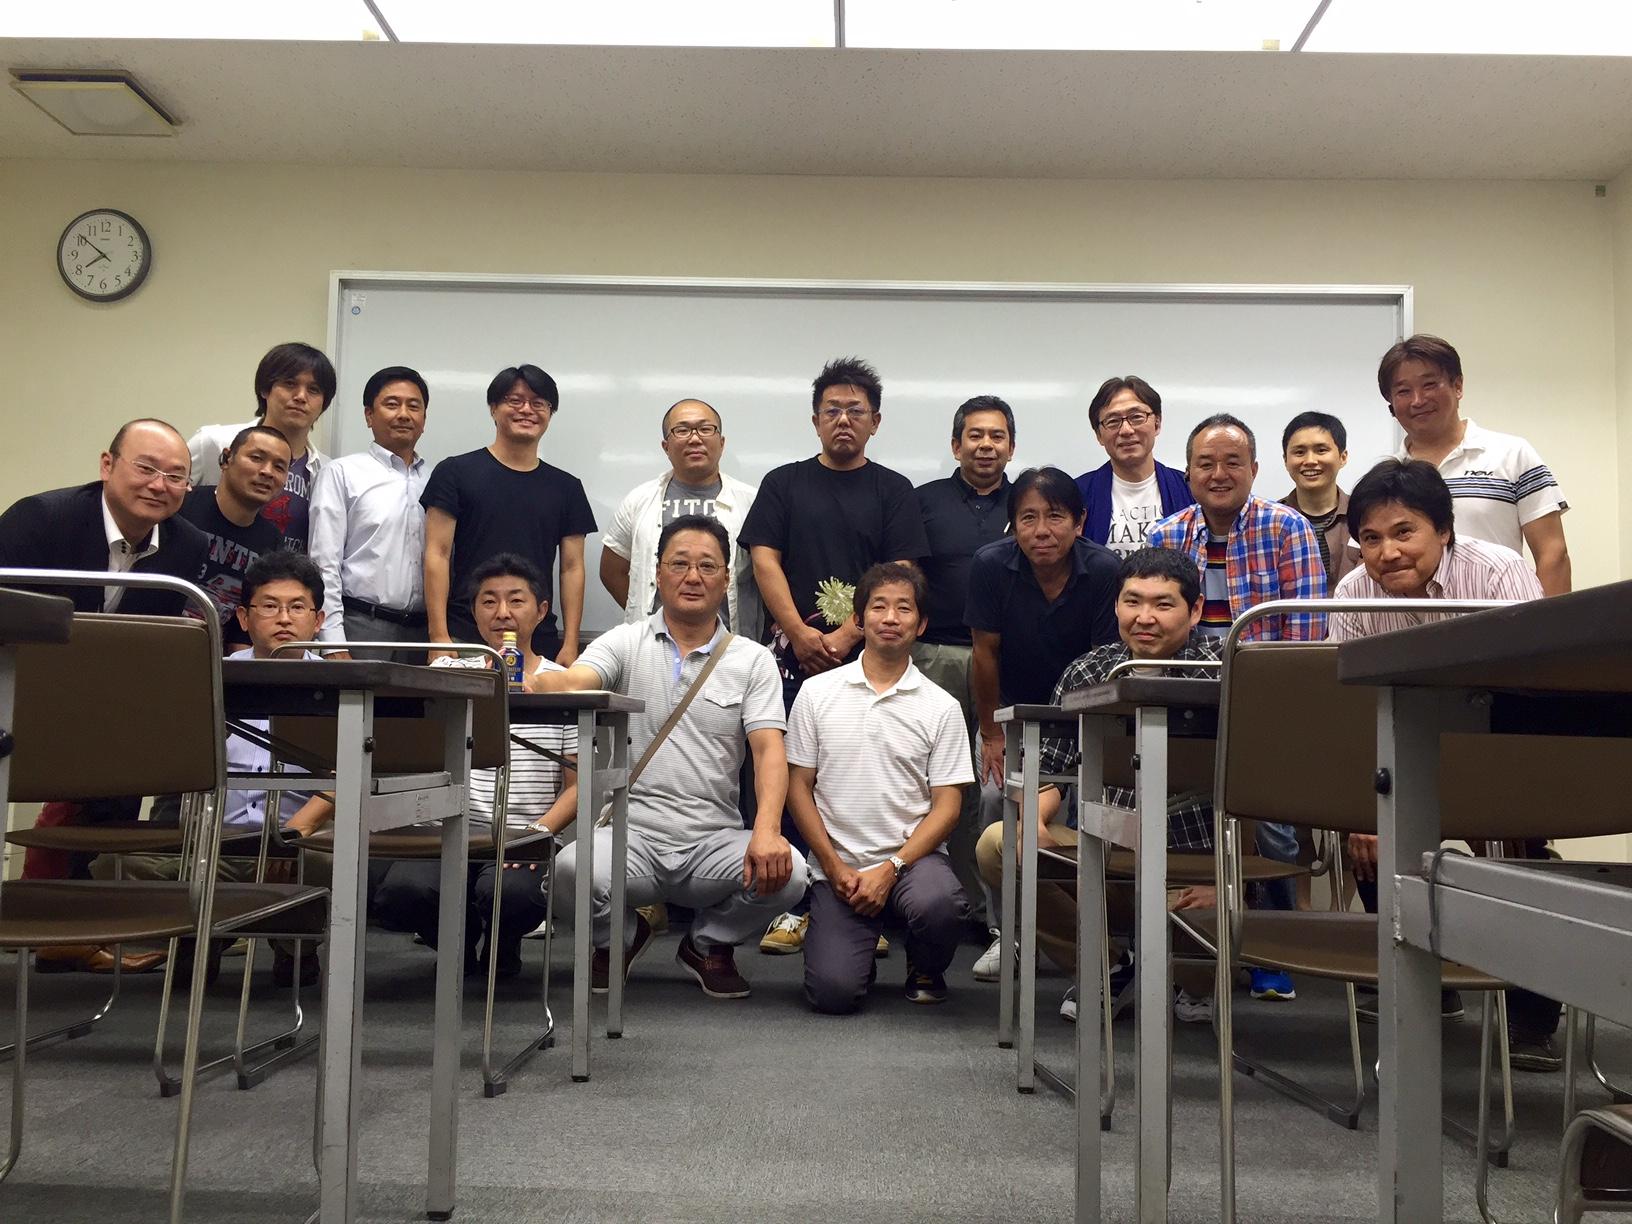 千葉・茨城グループ会議集合写真(H28.6.11)